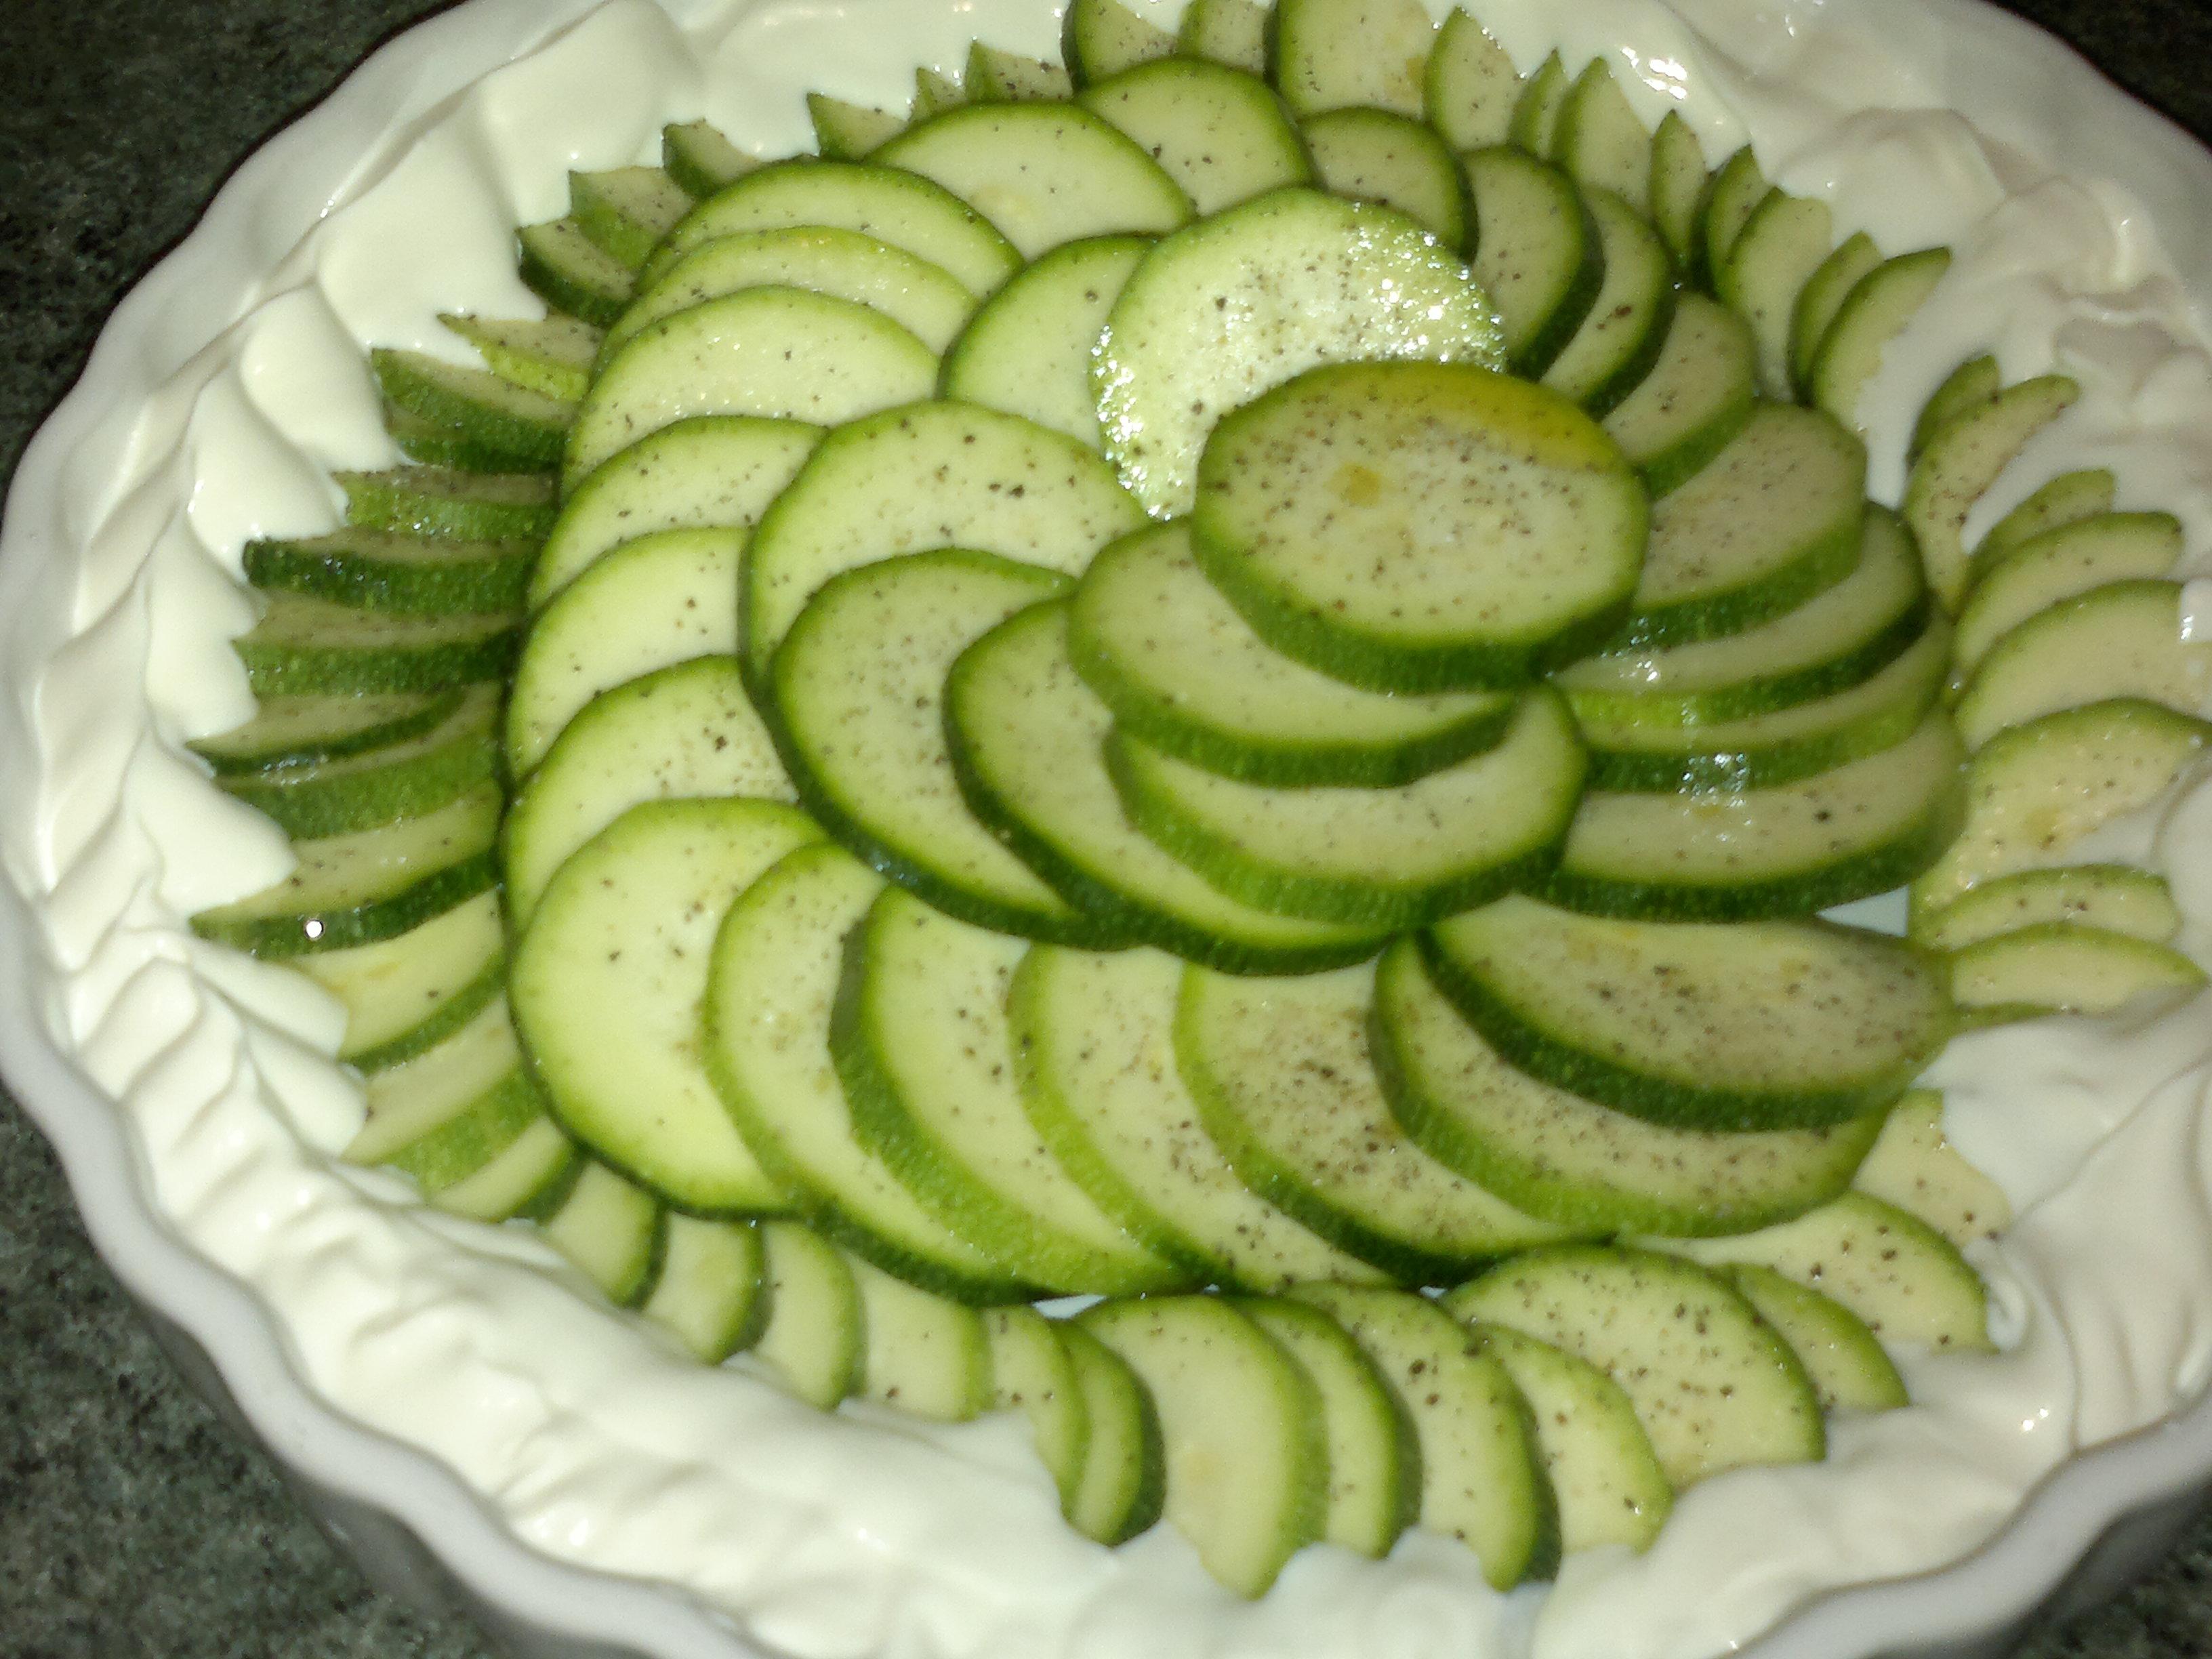 Torta di zucchine io vegetariana - Forno microonde e tradizionale insieme ...